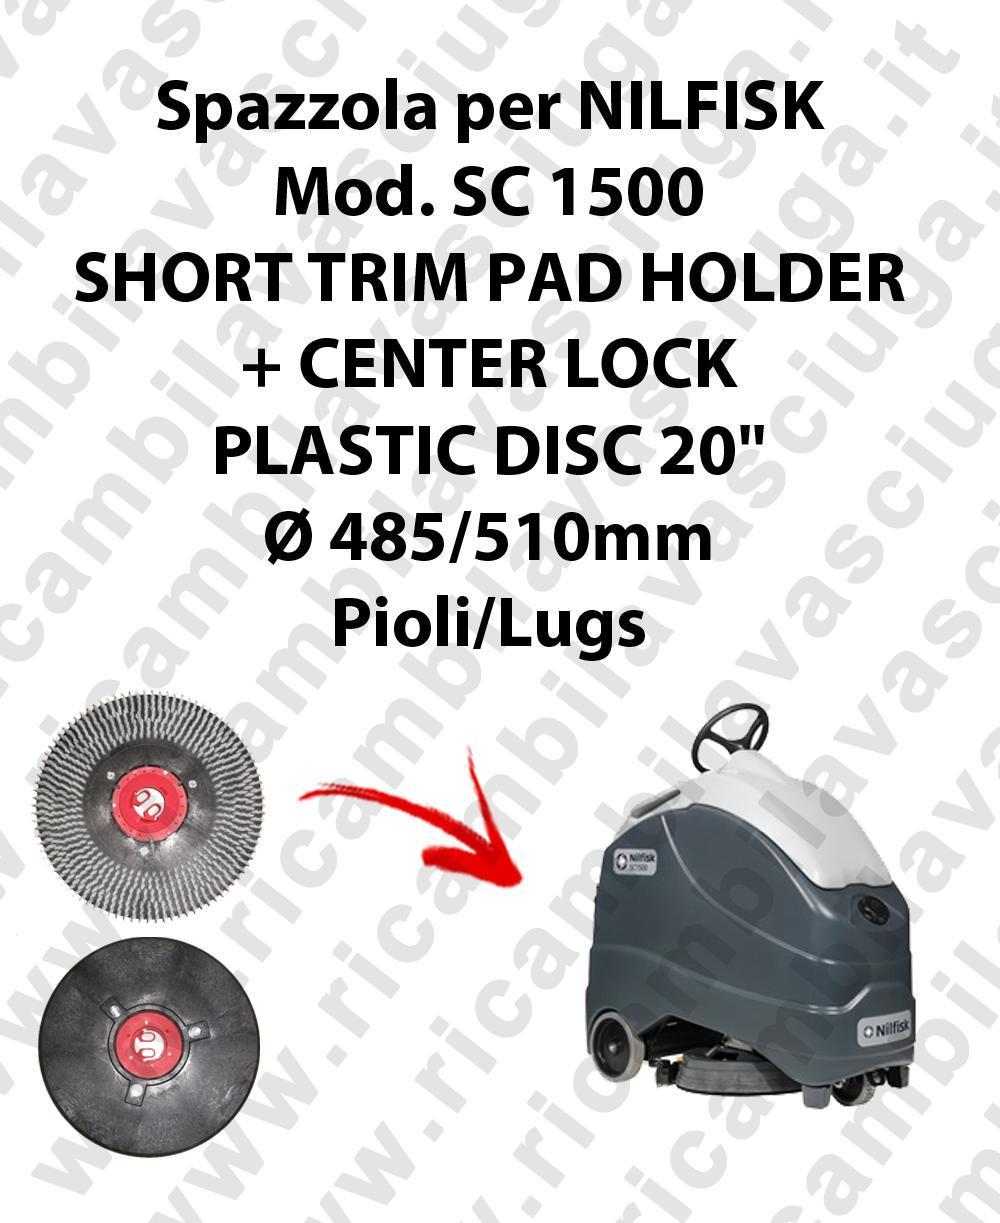 SHORT TRIM PAD HOLDER + CENTERLOCK pour autolaveuses NILFISK mod. SC 1500